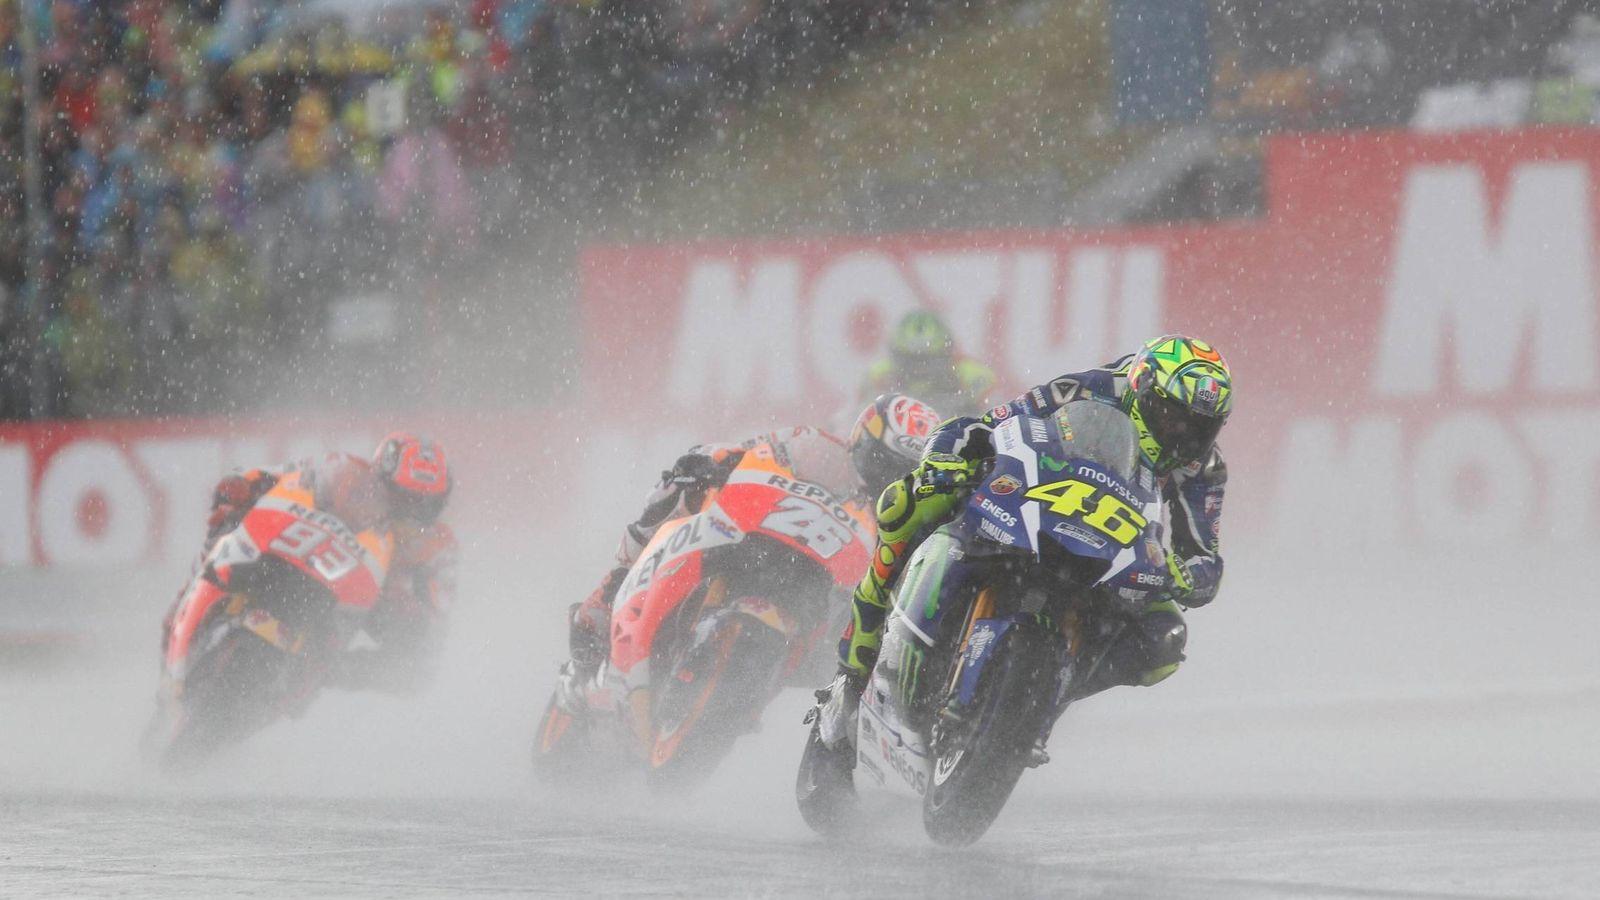 MotoGP: ¿Fue una decisión acertada interrumpir la carrera de MotoGP?